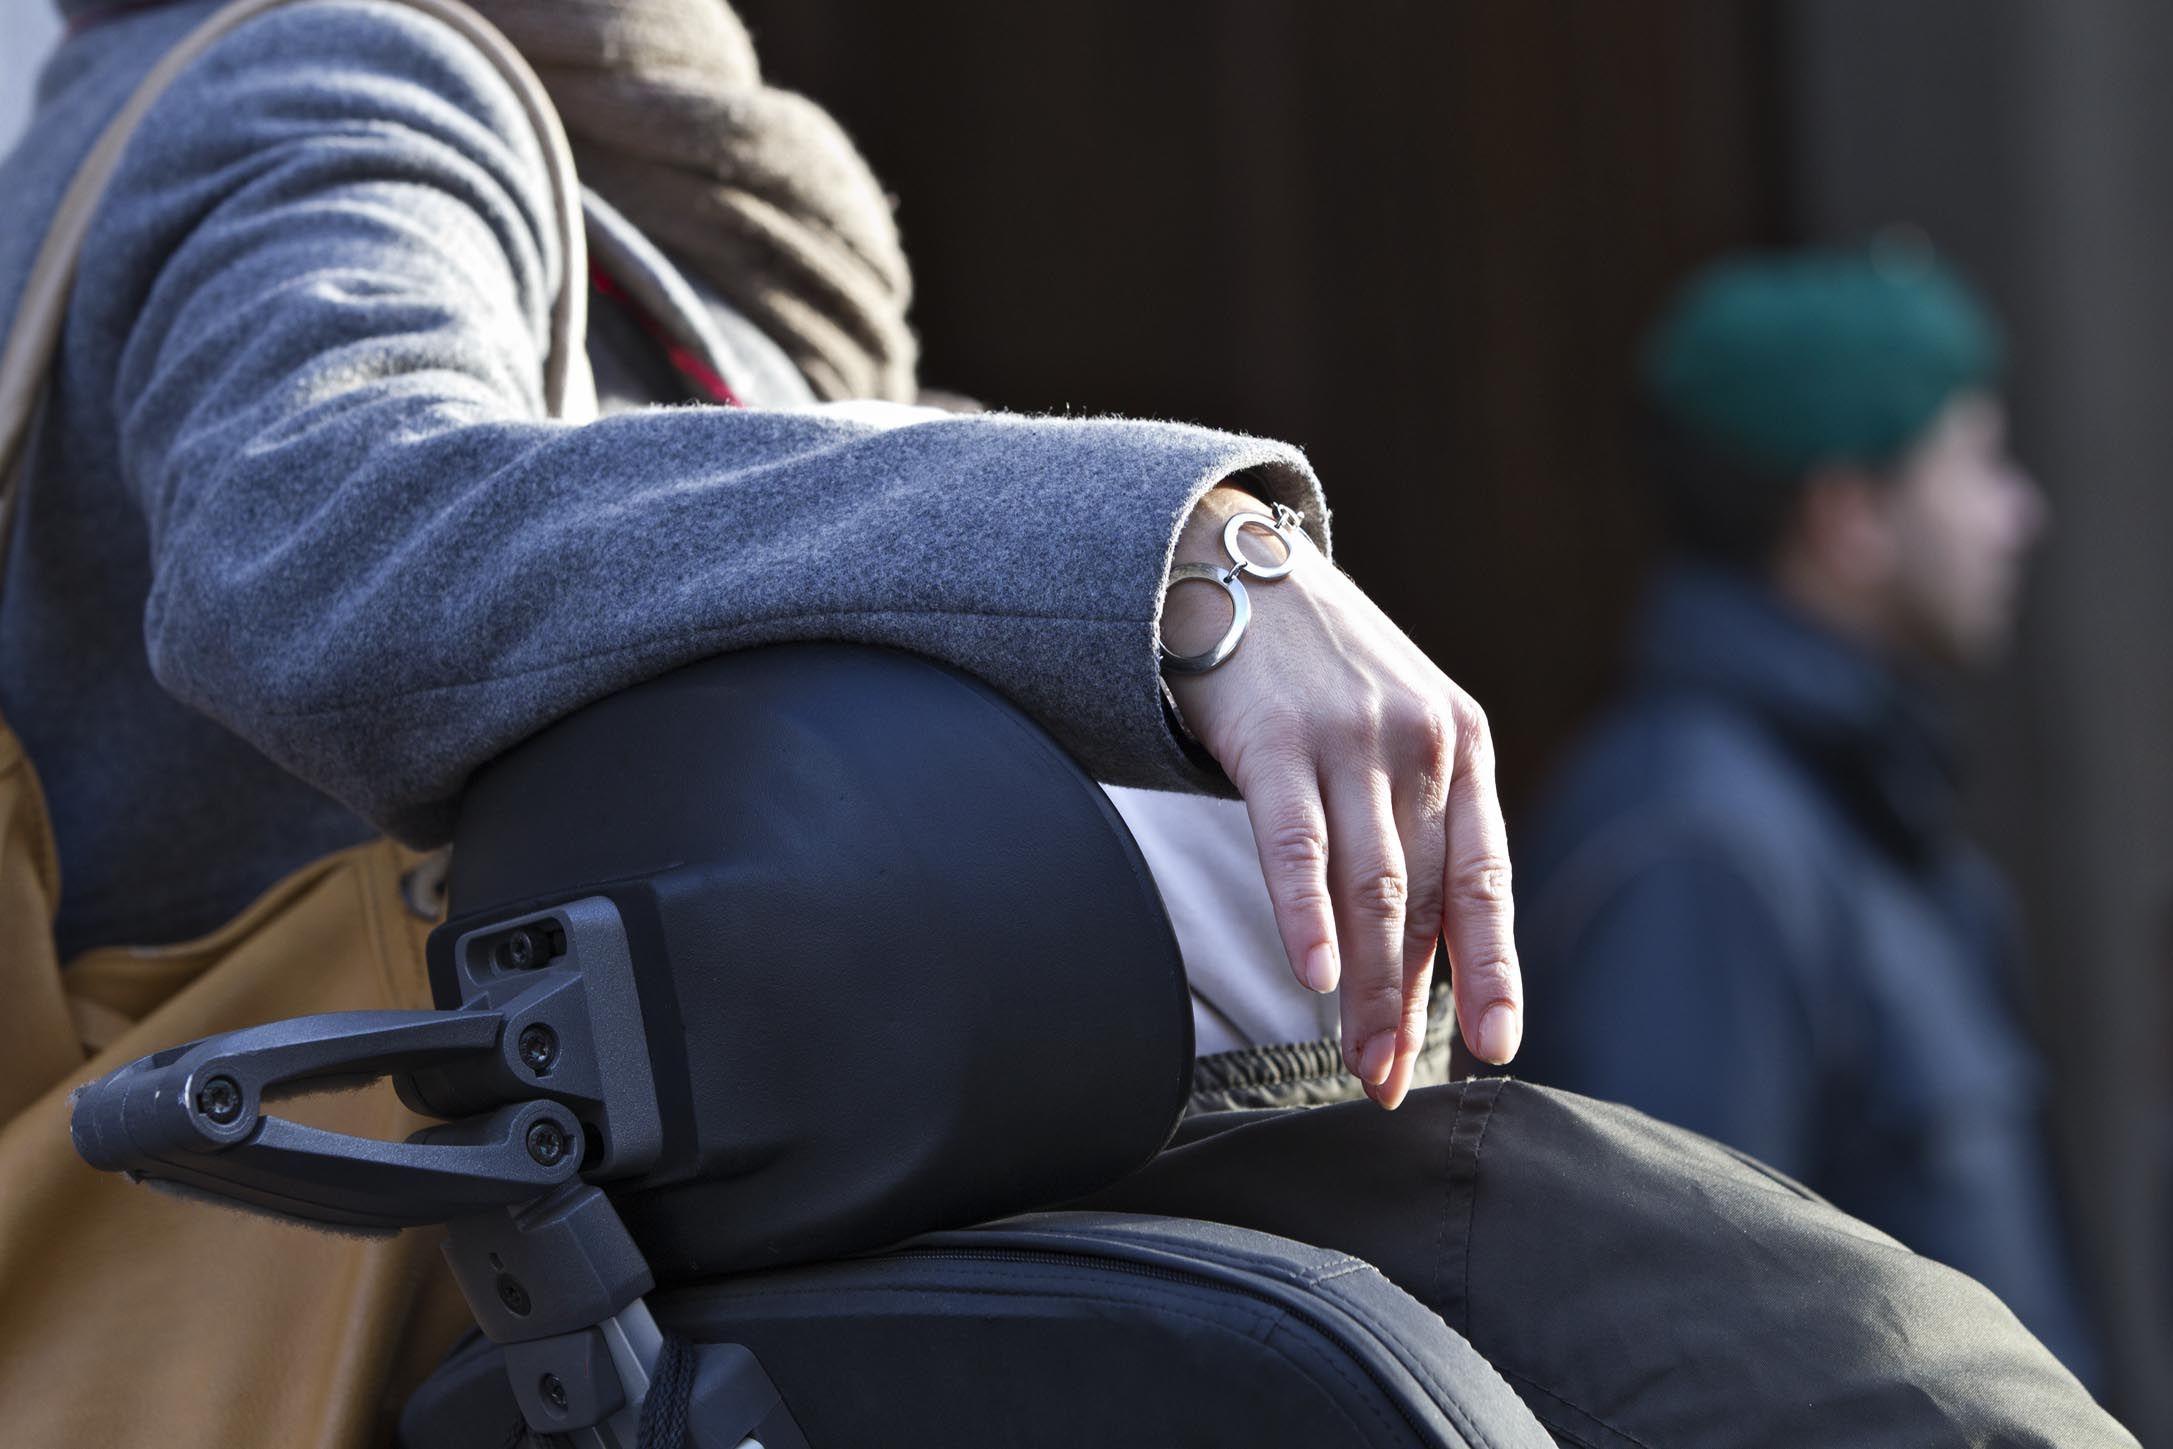 Fondazione Roche, al via bando da 600mila euro per supportare i pazienti